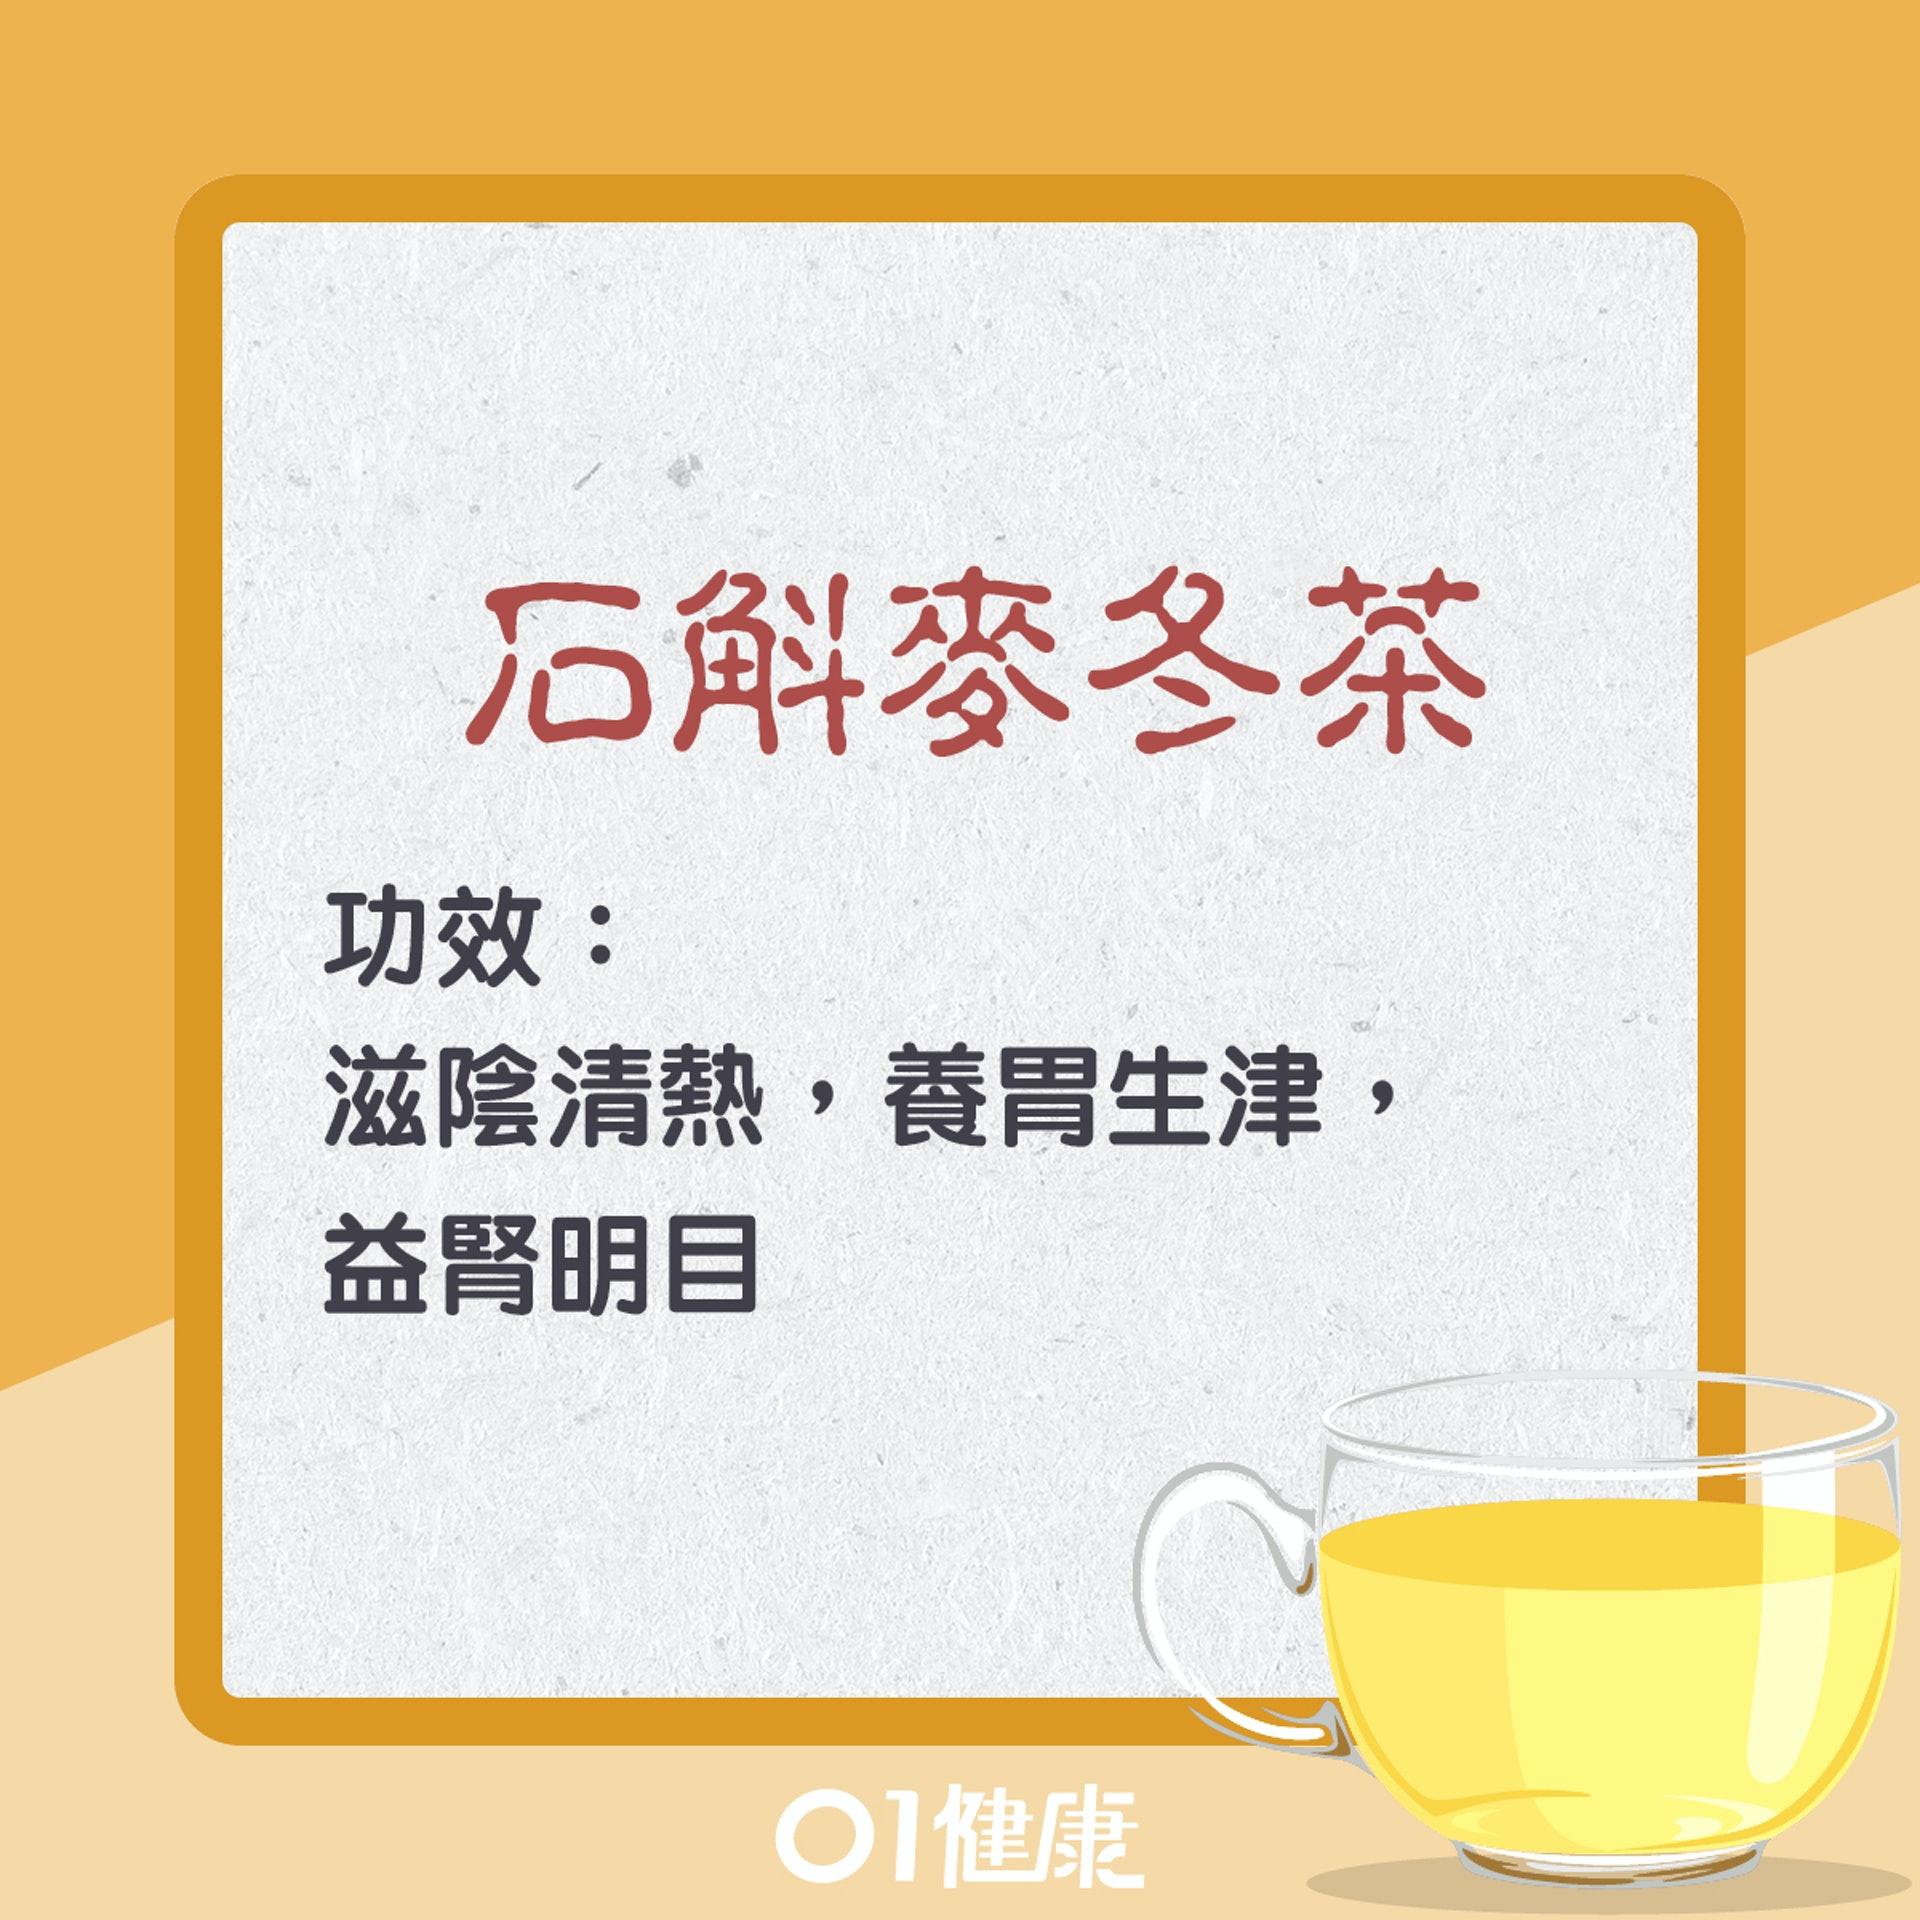 石斛麥冬茶(01製圖)